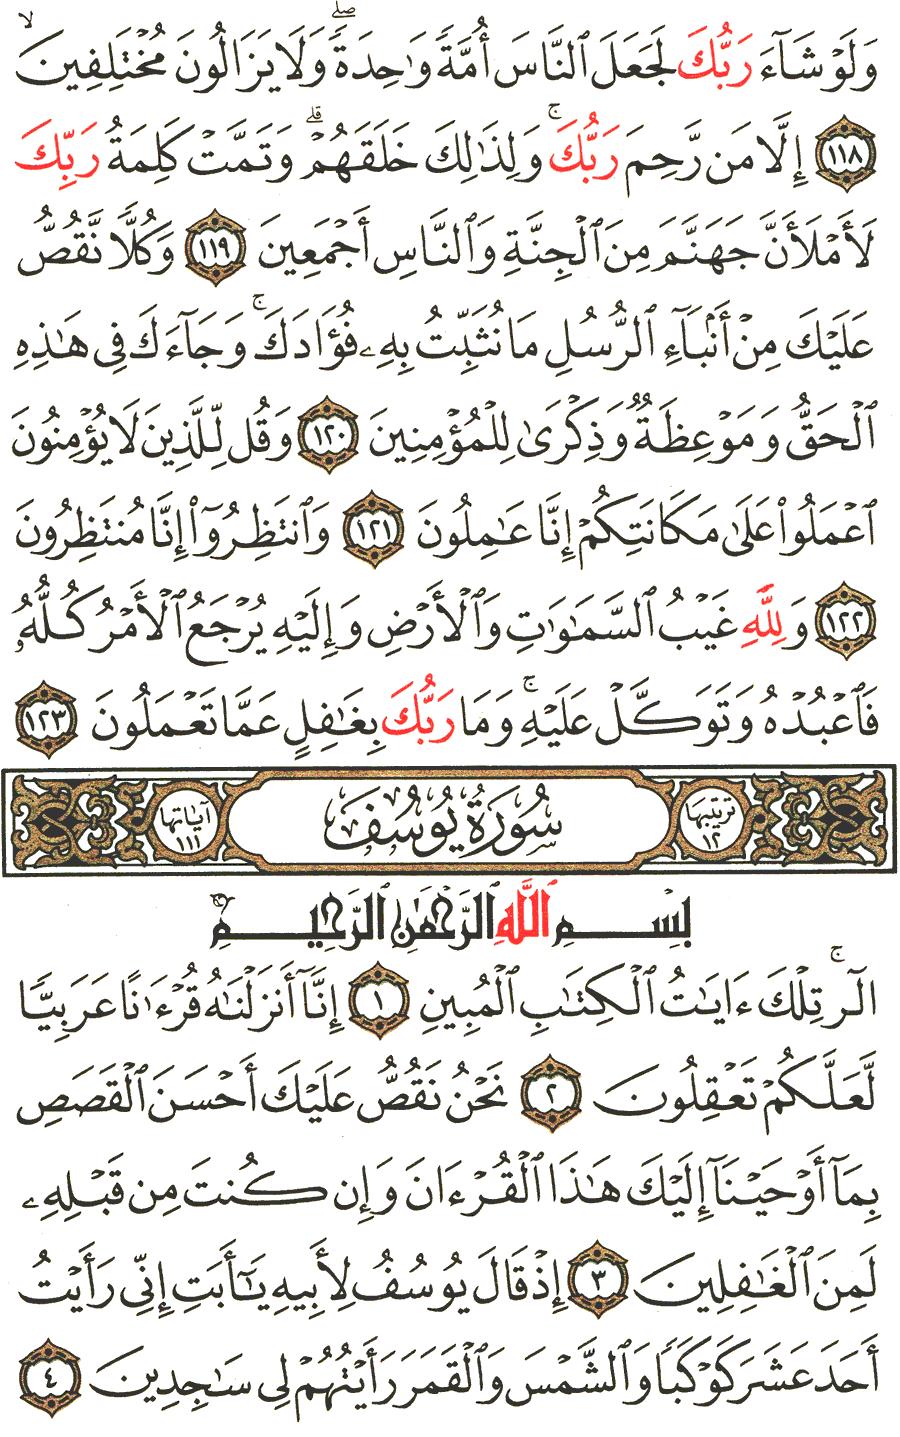 الصفحة رقم 235  من القرآن الكريم مكتوبة من المصحف